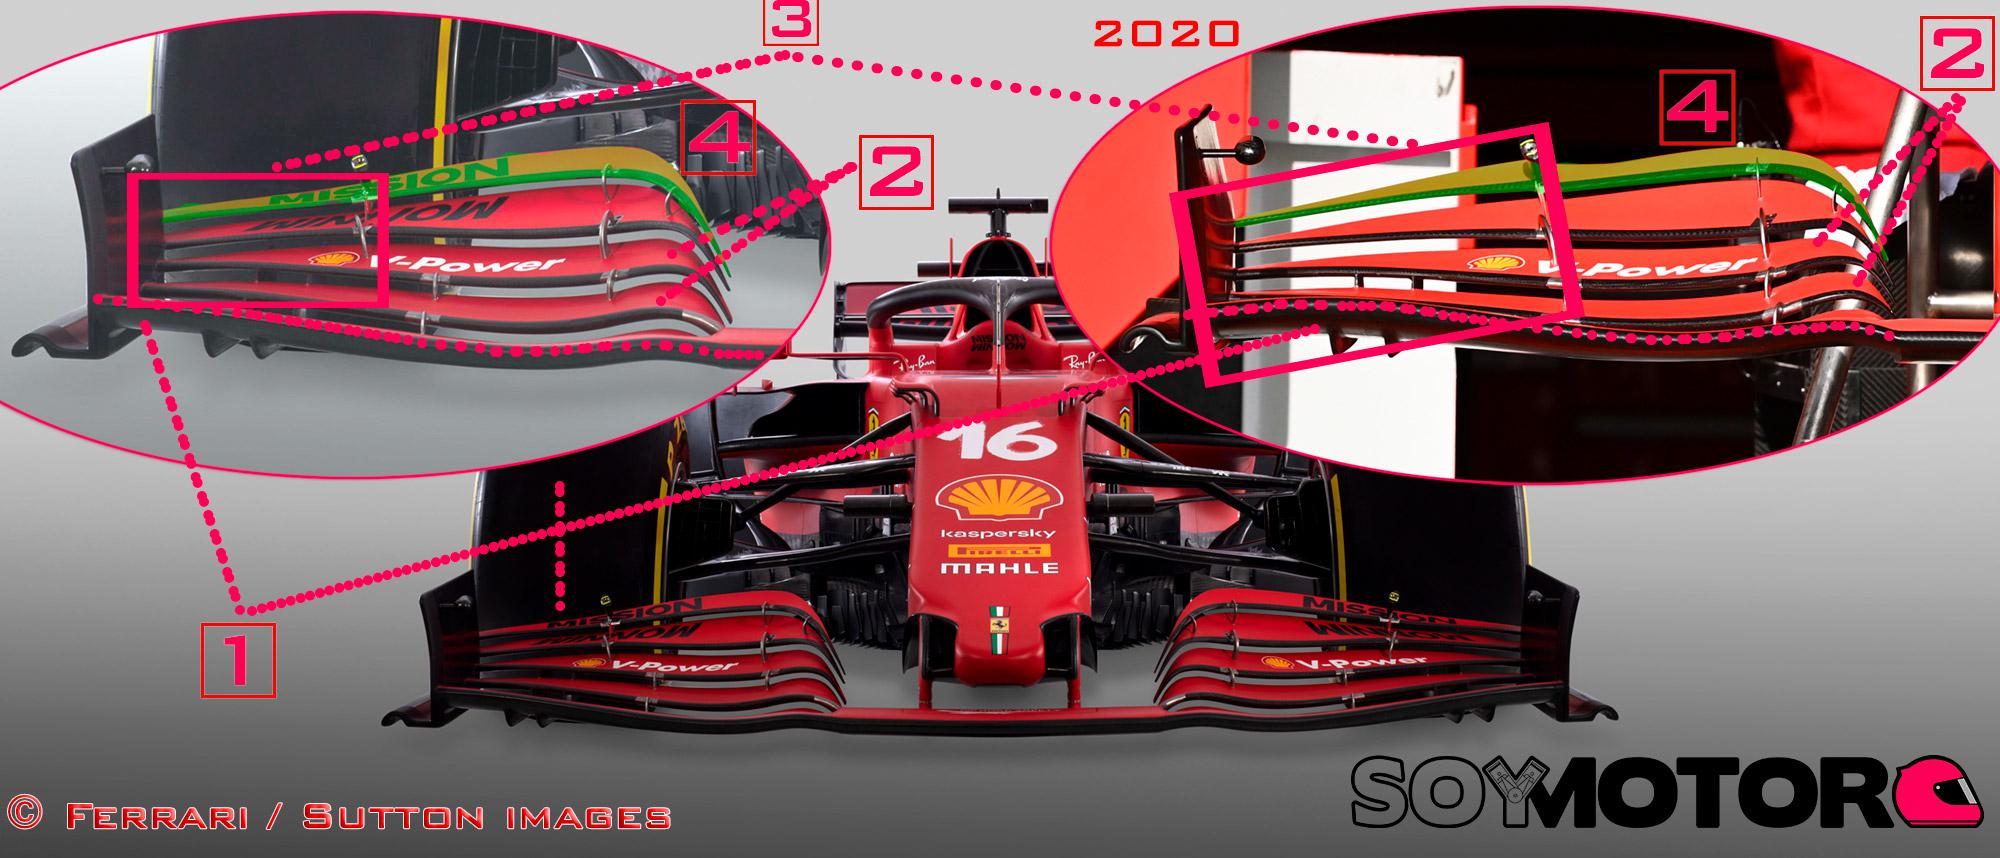 ferrari-sf21-aleron-delantero-soymotor.jpg